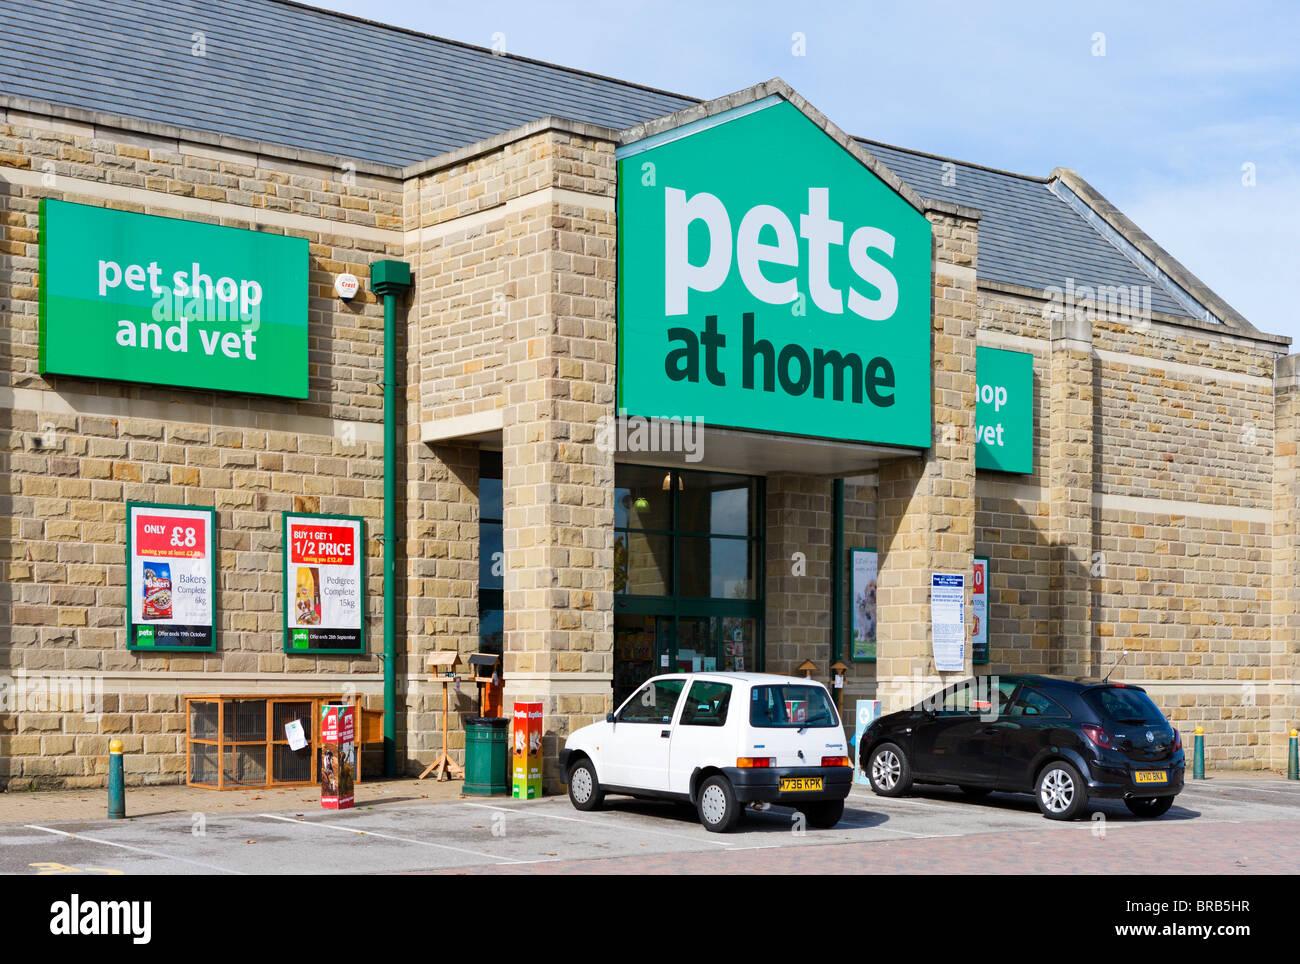 Pet shop / magazin online pentru animale de companie. Farma veterinara. Accesorii de calitate Julius k9, hamuri, zgarzi, lese, hrana caini. Livrare rapida.